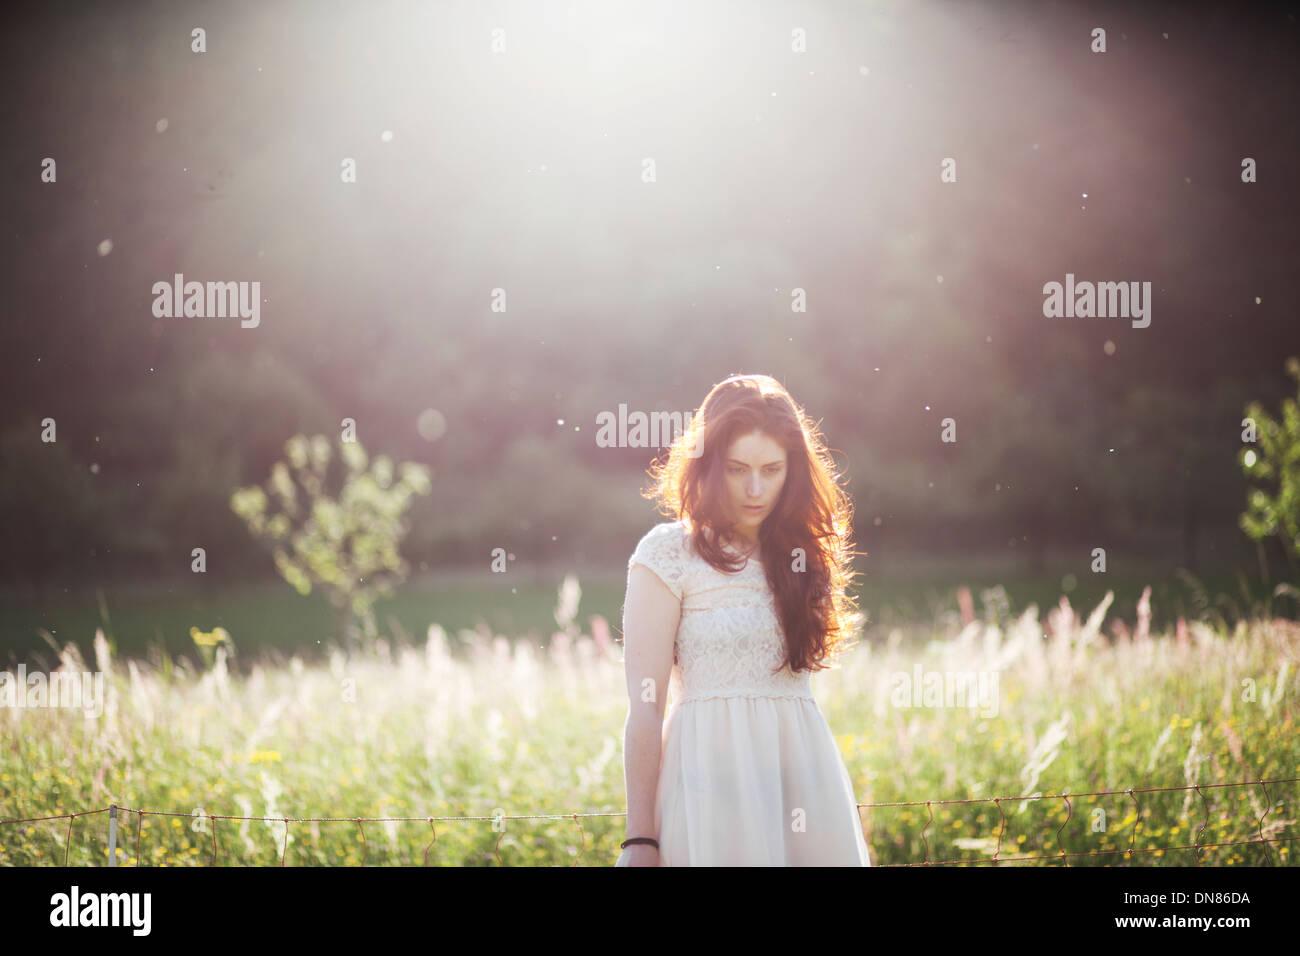 Junge Frau auf einer Wiese bei Gegenlicht, Porträt Stockbild